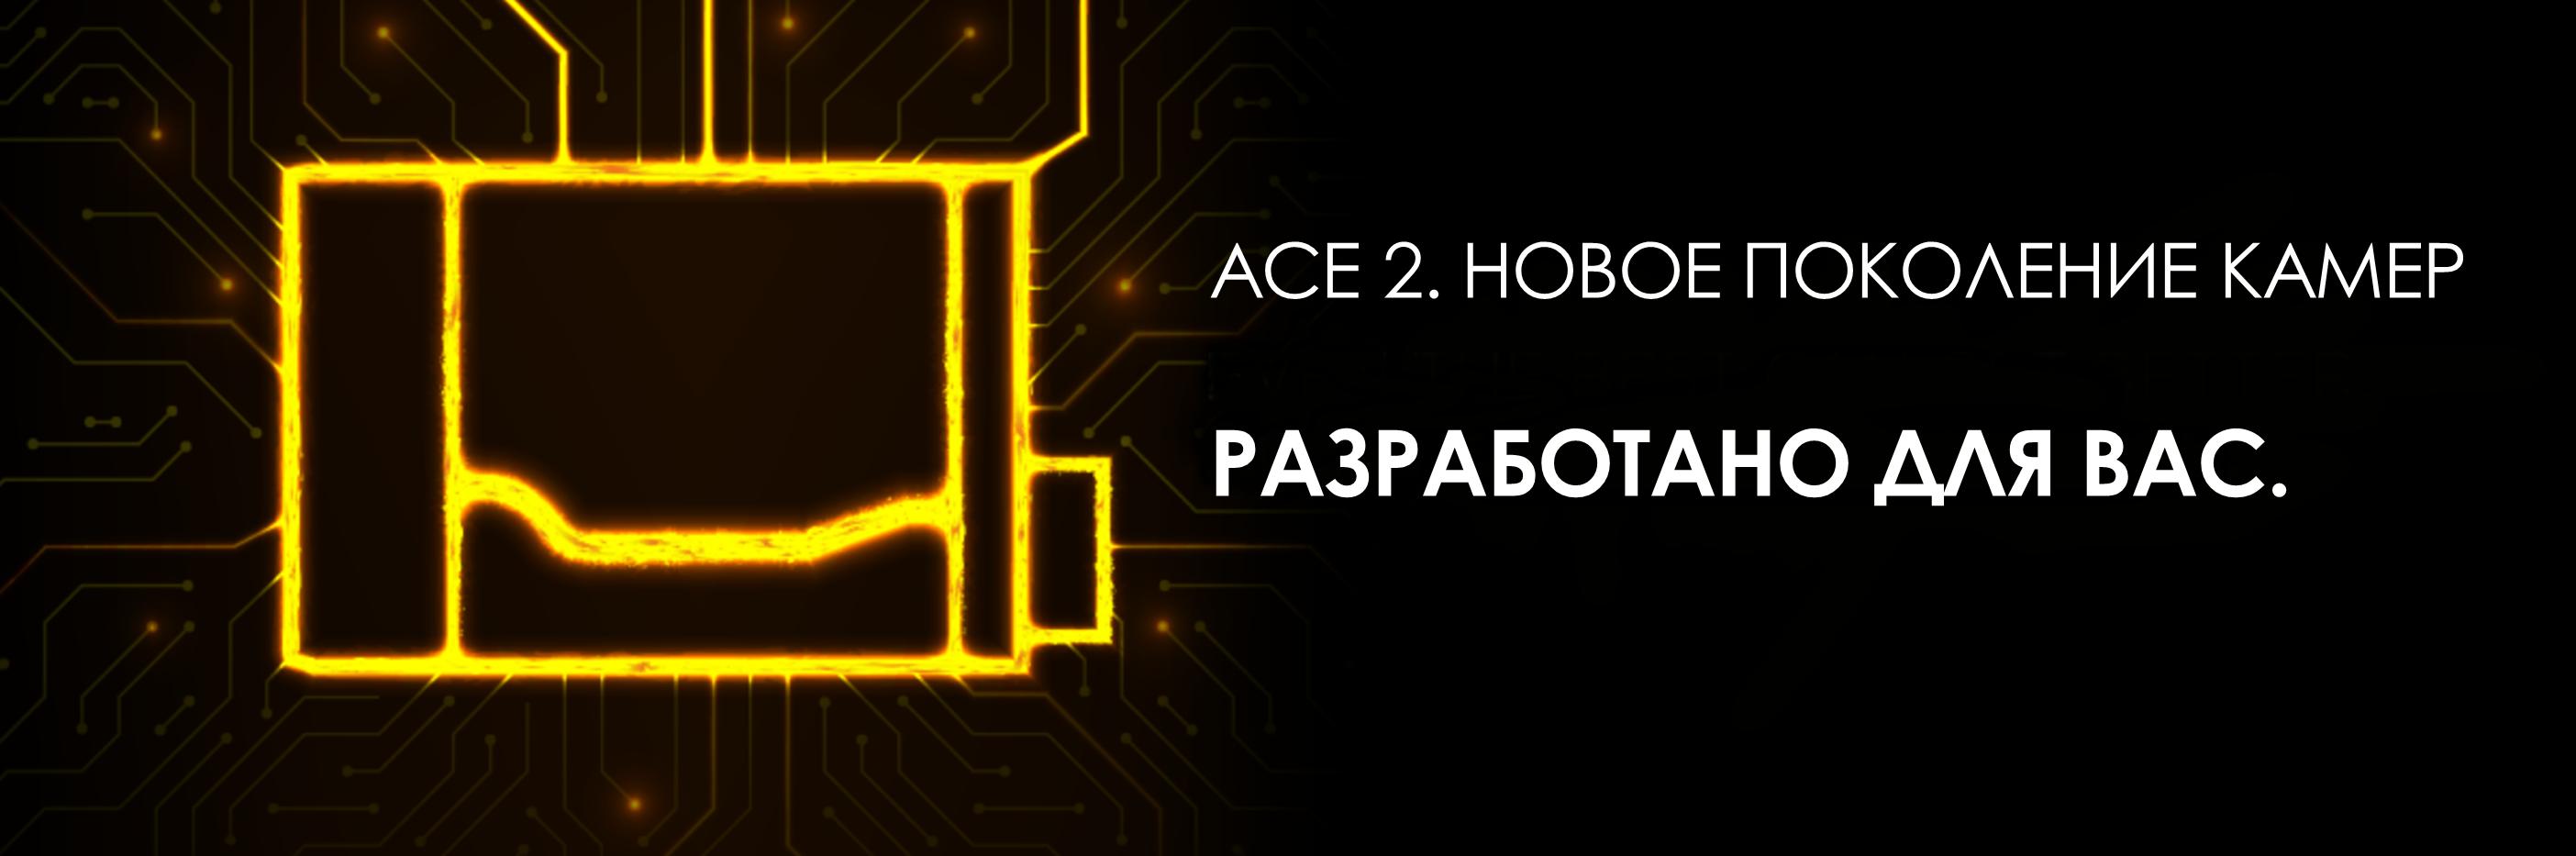 Basler.ACE2